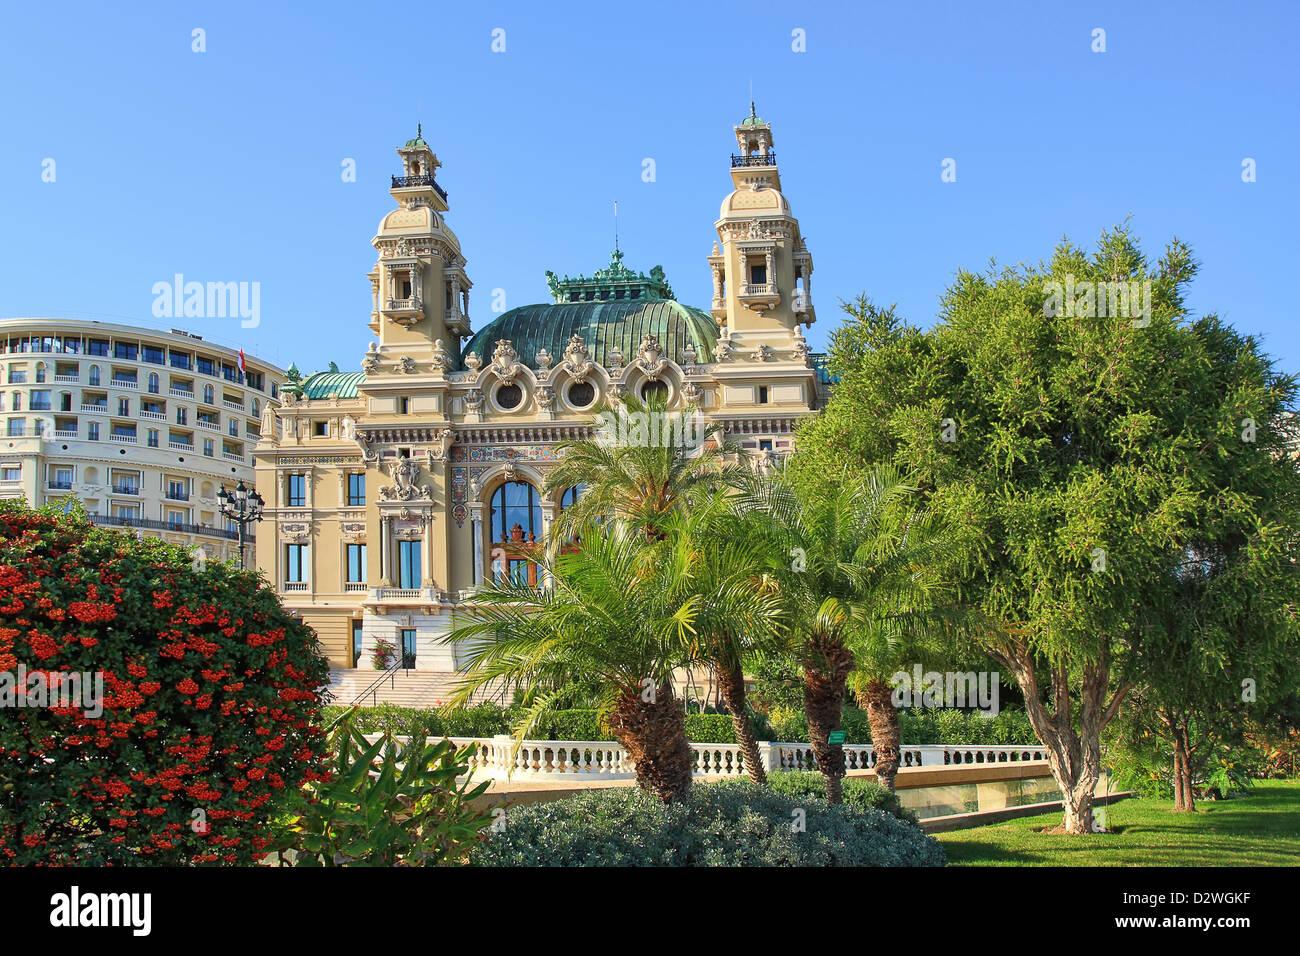 La facciata della famosa Opera de Monte-Carlo (Salle Garnier) come parte del Casinò di Monte Carlo a Monaco. Immagini Stock